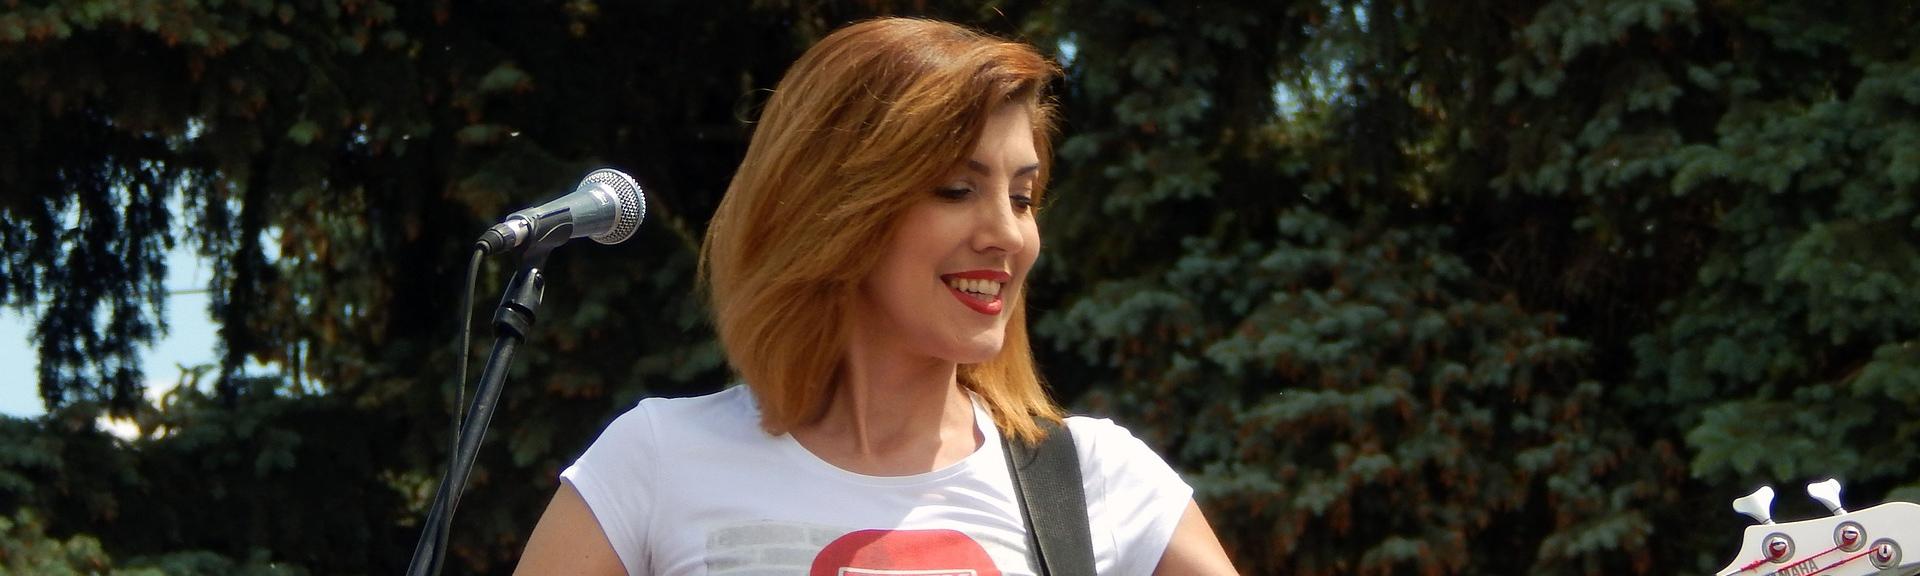 Beliebt Gesangsunterricht - Singen lernen im Zentrum Wiens mit A. Lunatis DD81